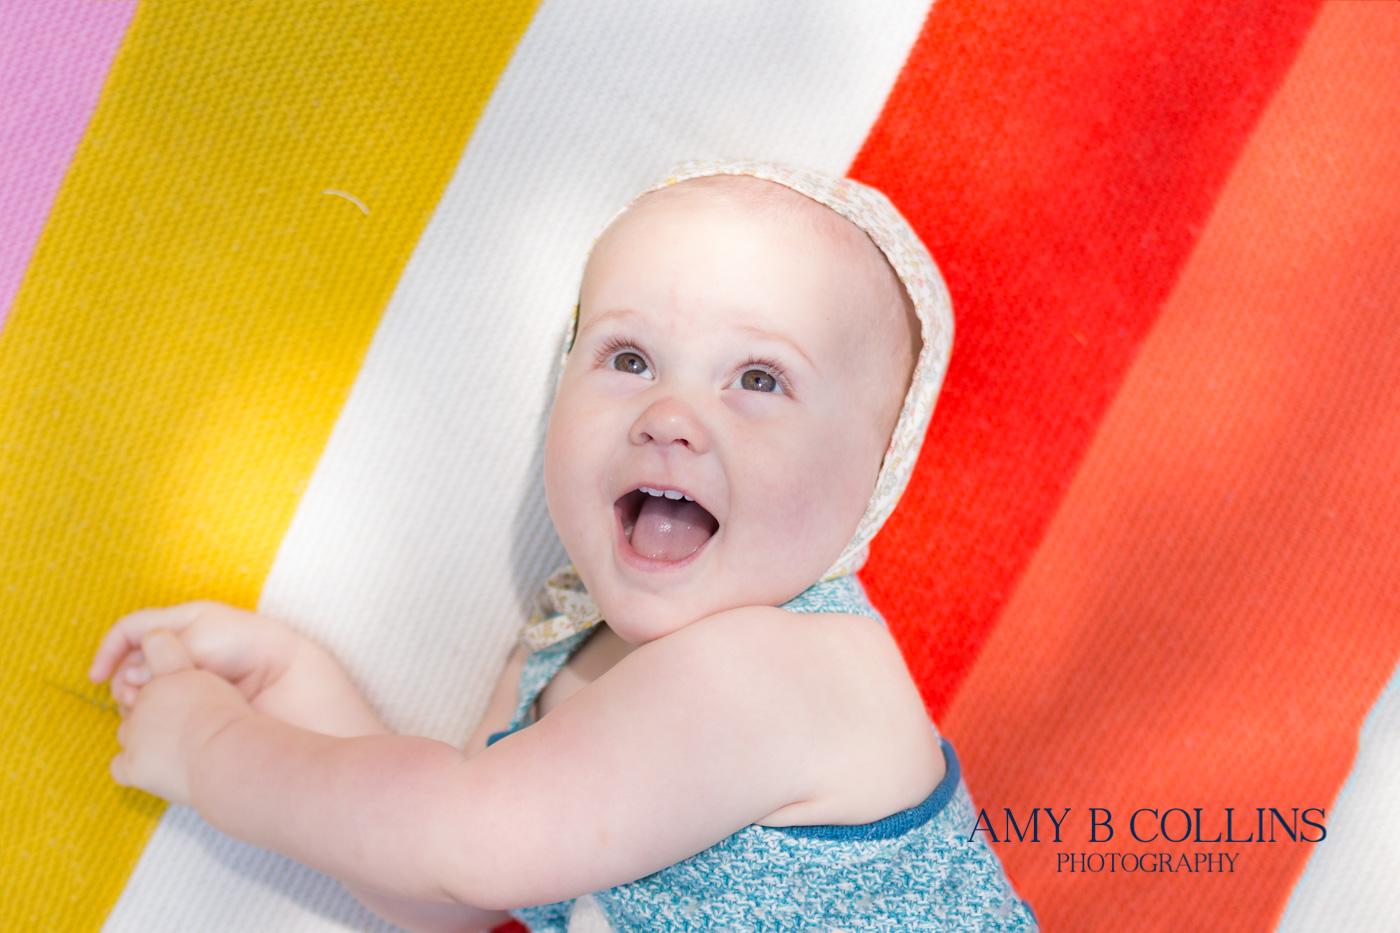 Amy_B_Collins_Photography_Needham Baby Photographer - 13.jpg